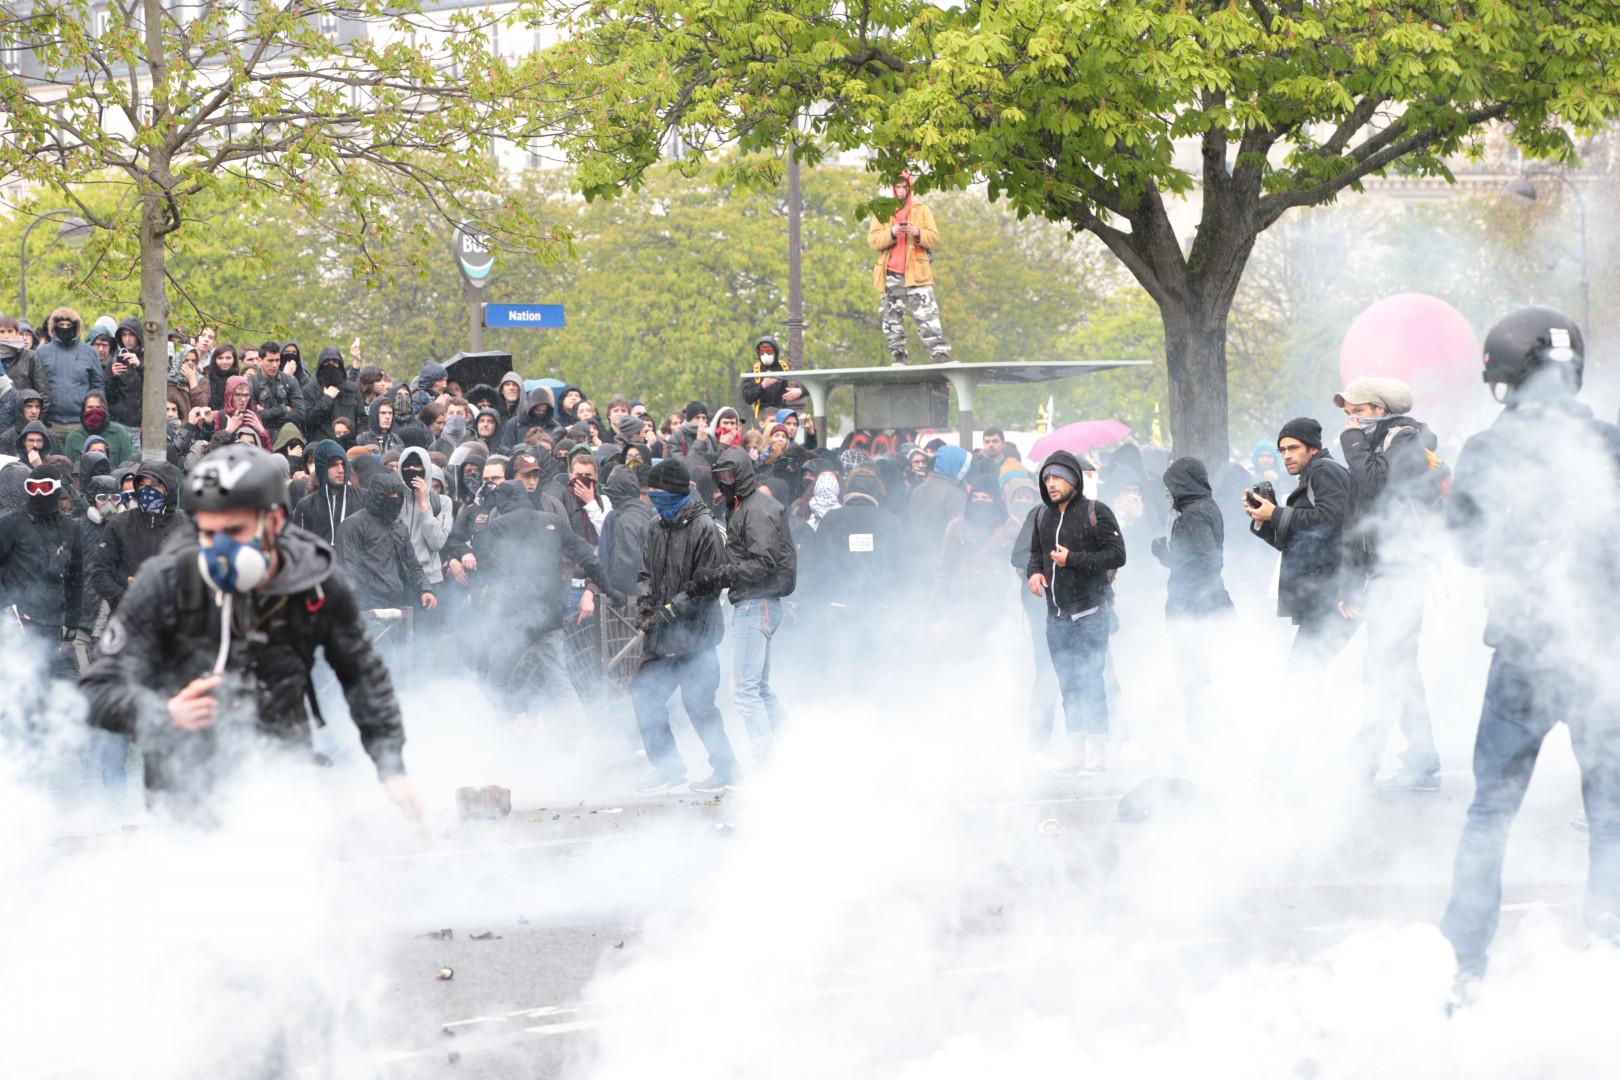 Des projectiles lancés sur la police et des gaz lacrymogènes lancés en réplique place de la Nation à Paris